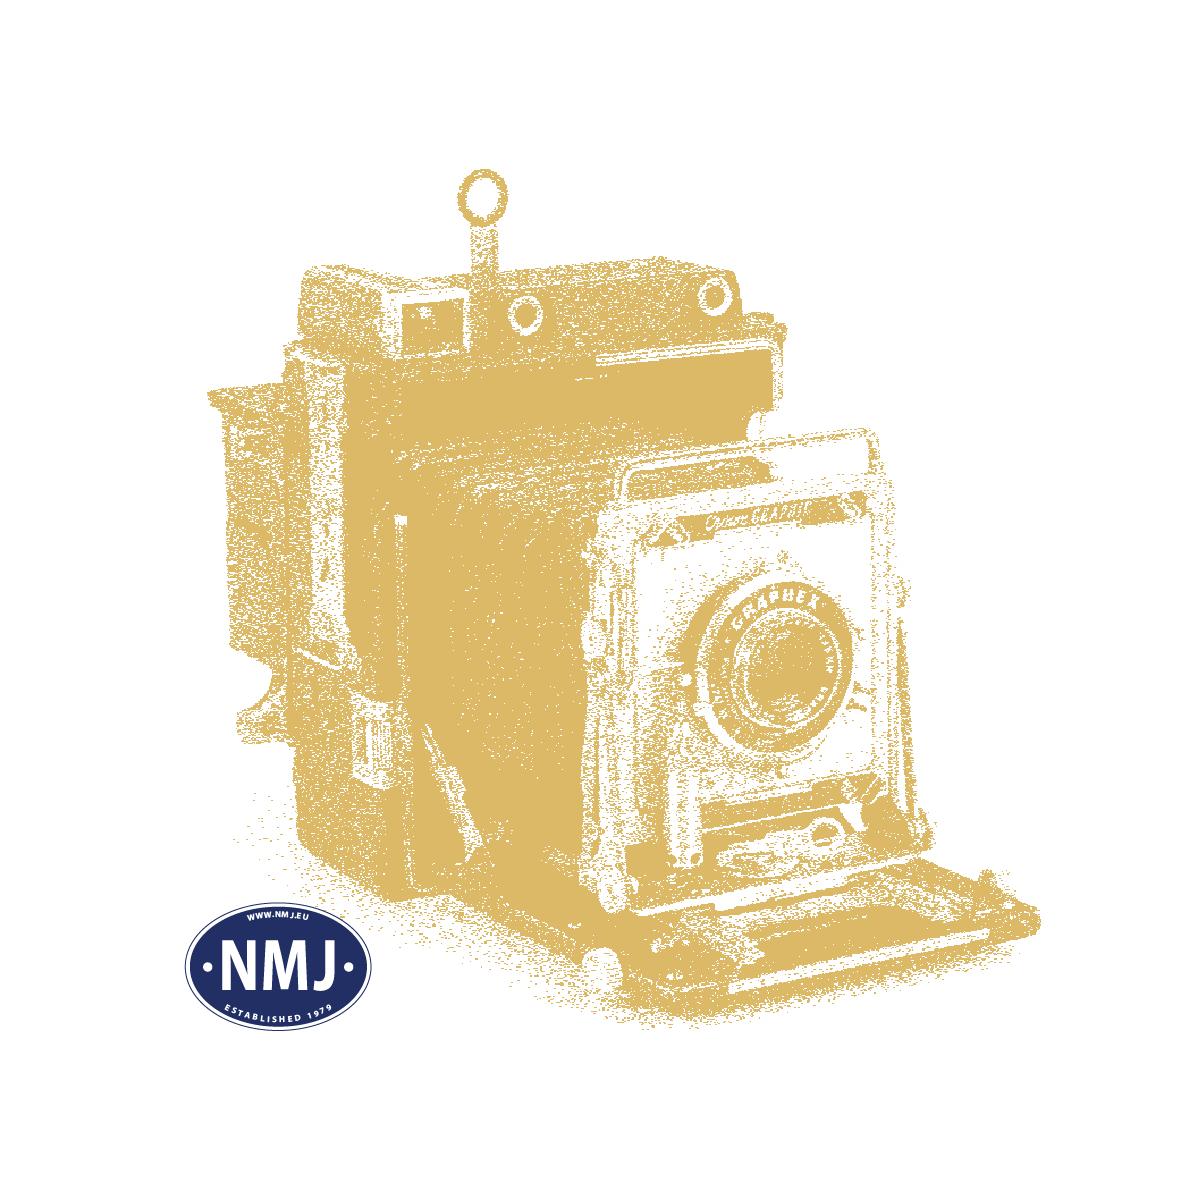 MJM2115 - MJ-Magasinet Nr 21, 2015, Blad